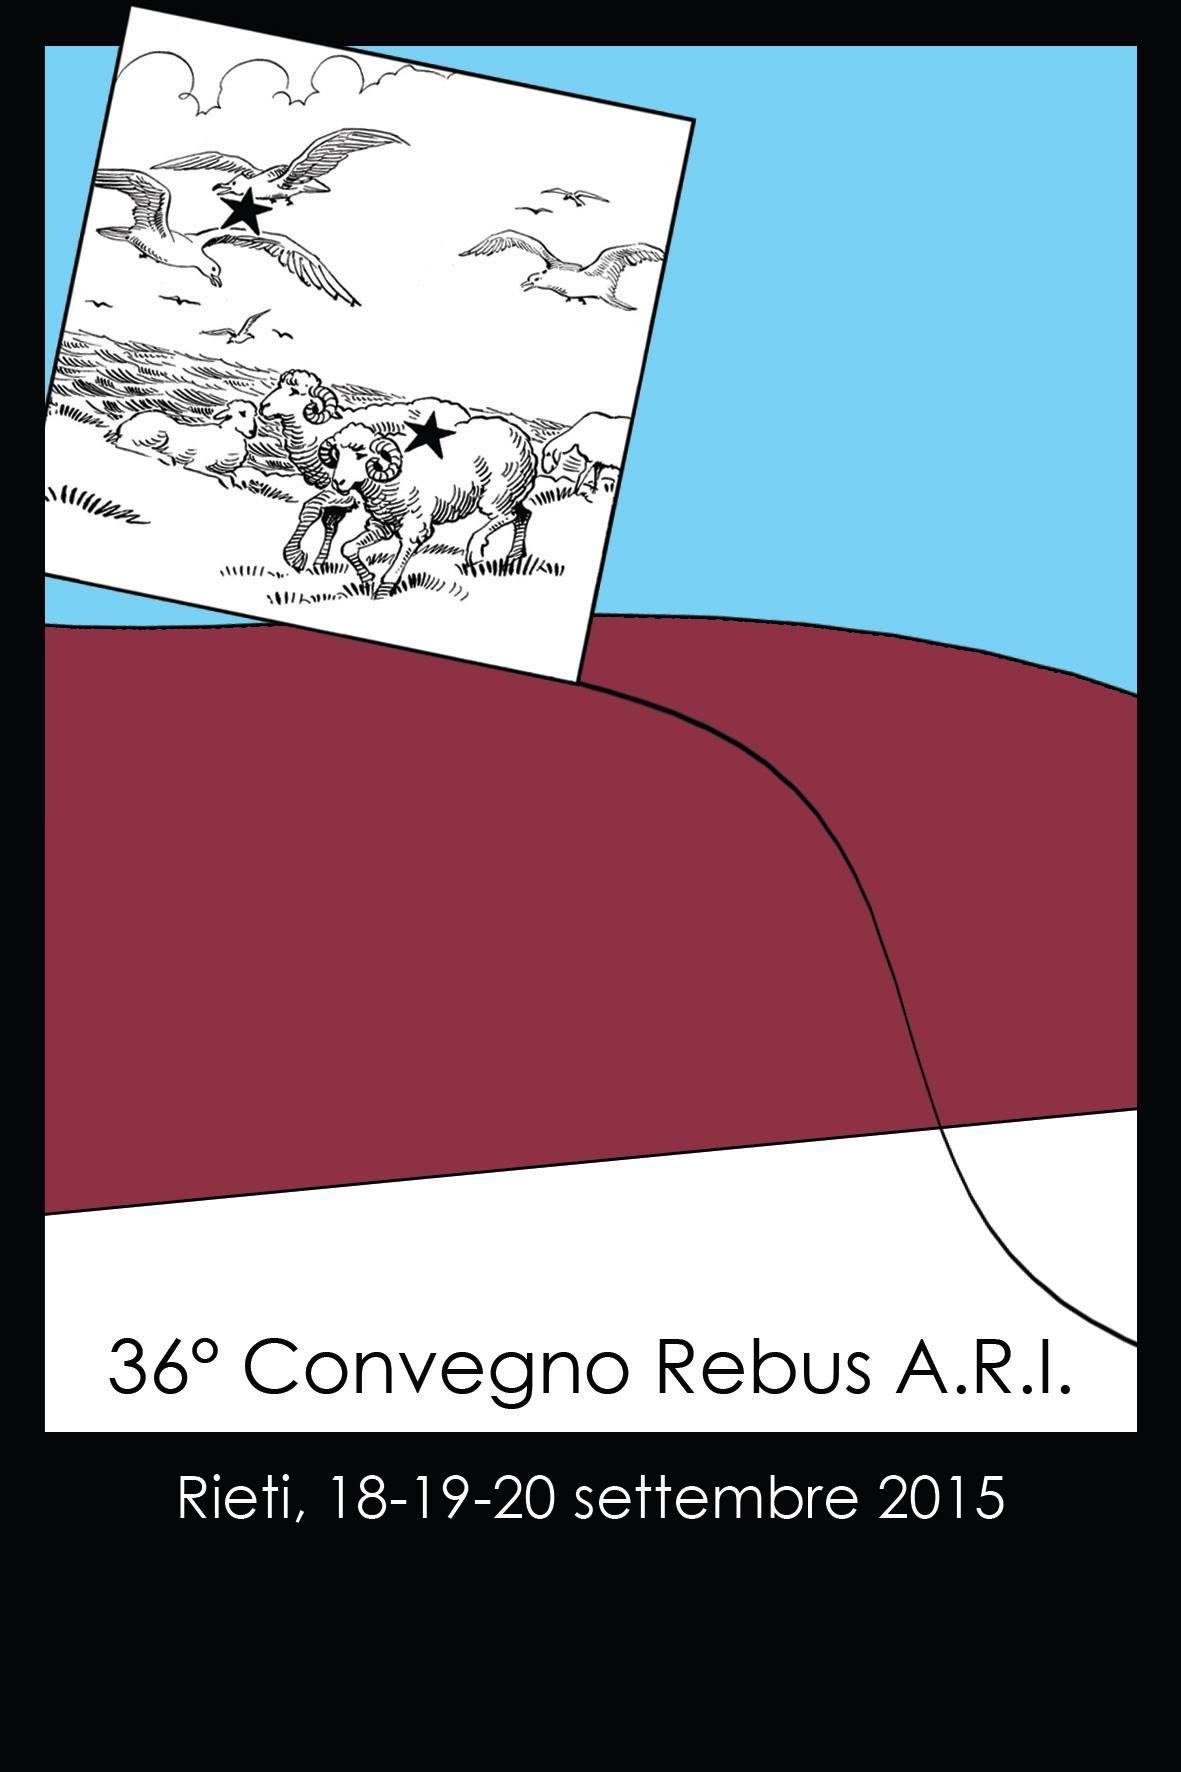 36° Convegno Rebus A.R.I.